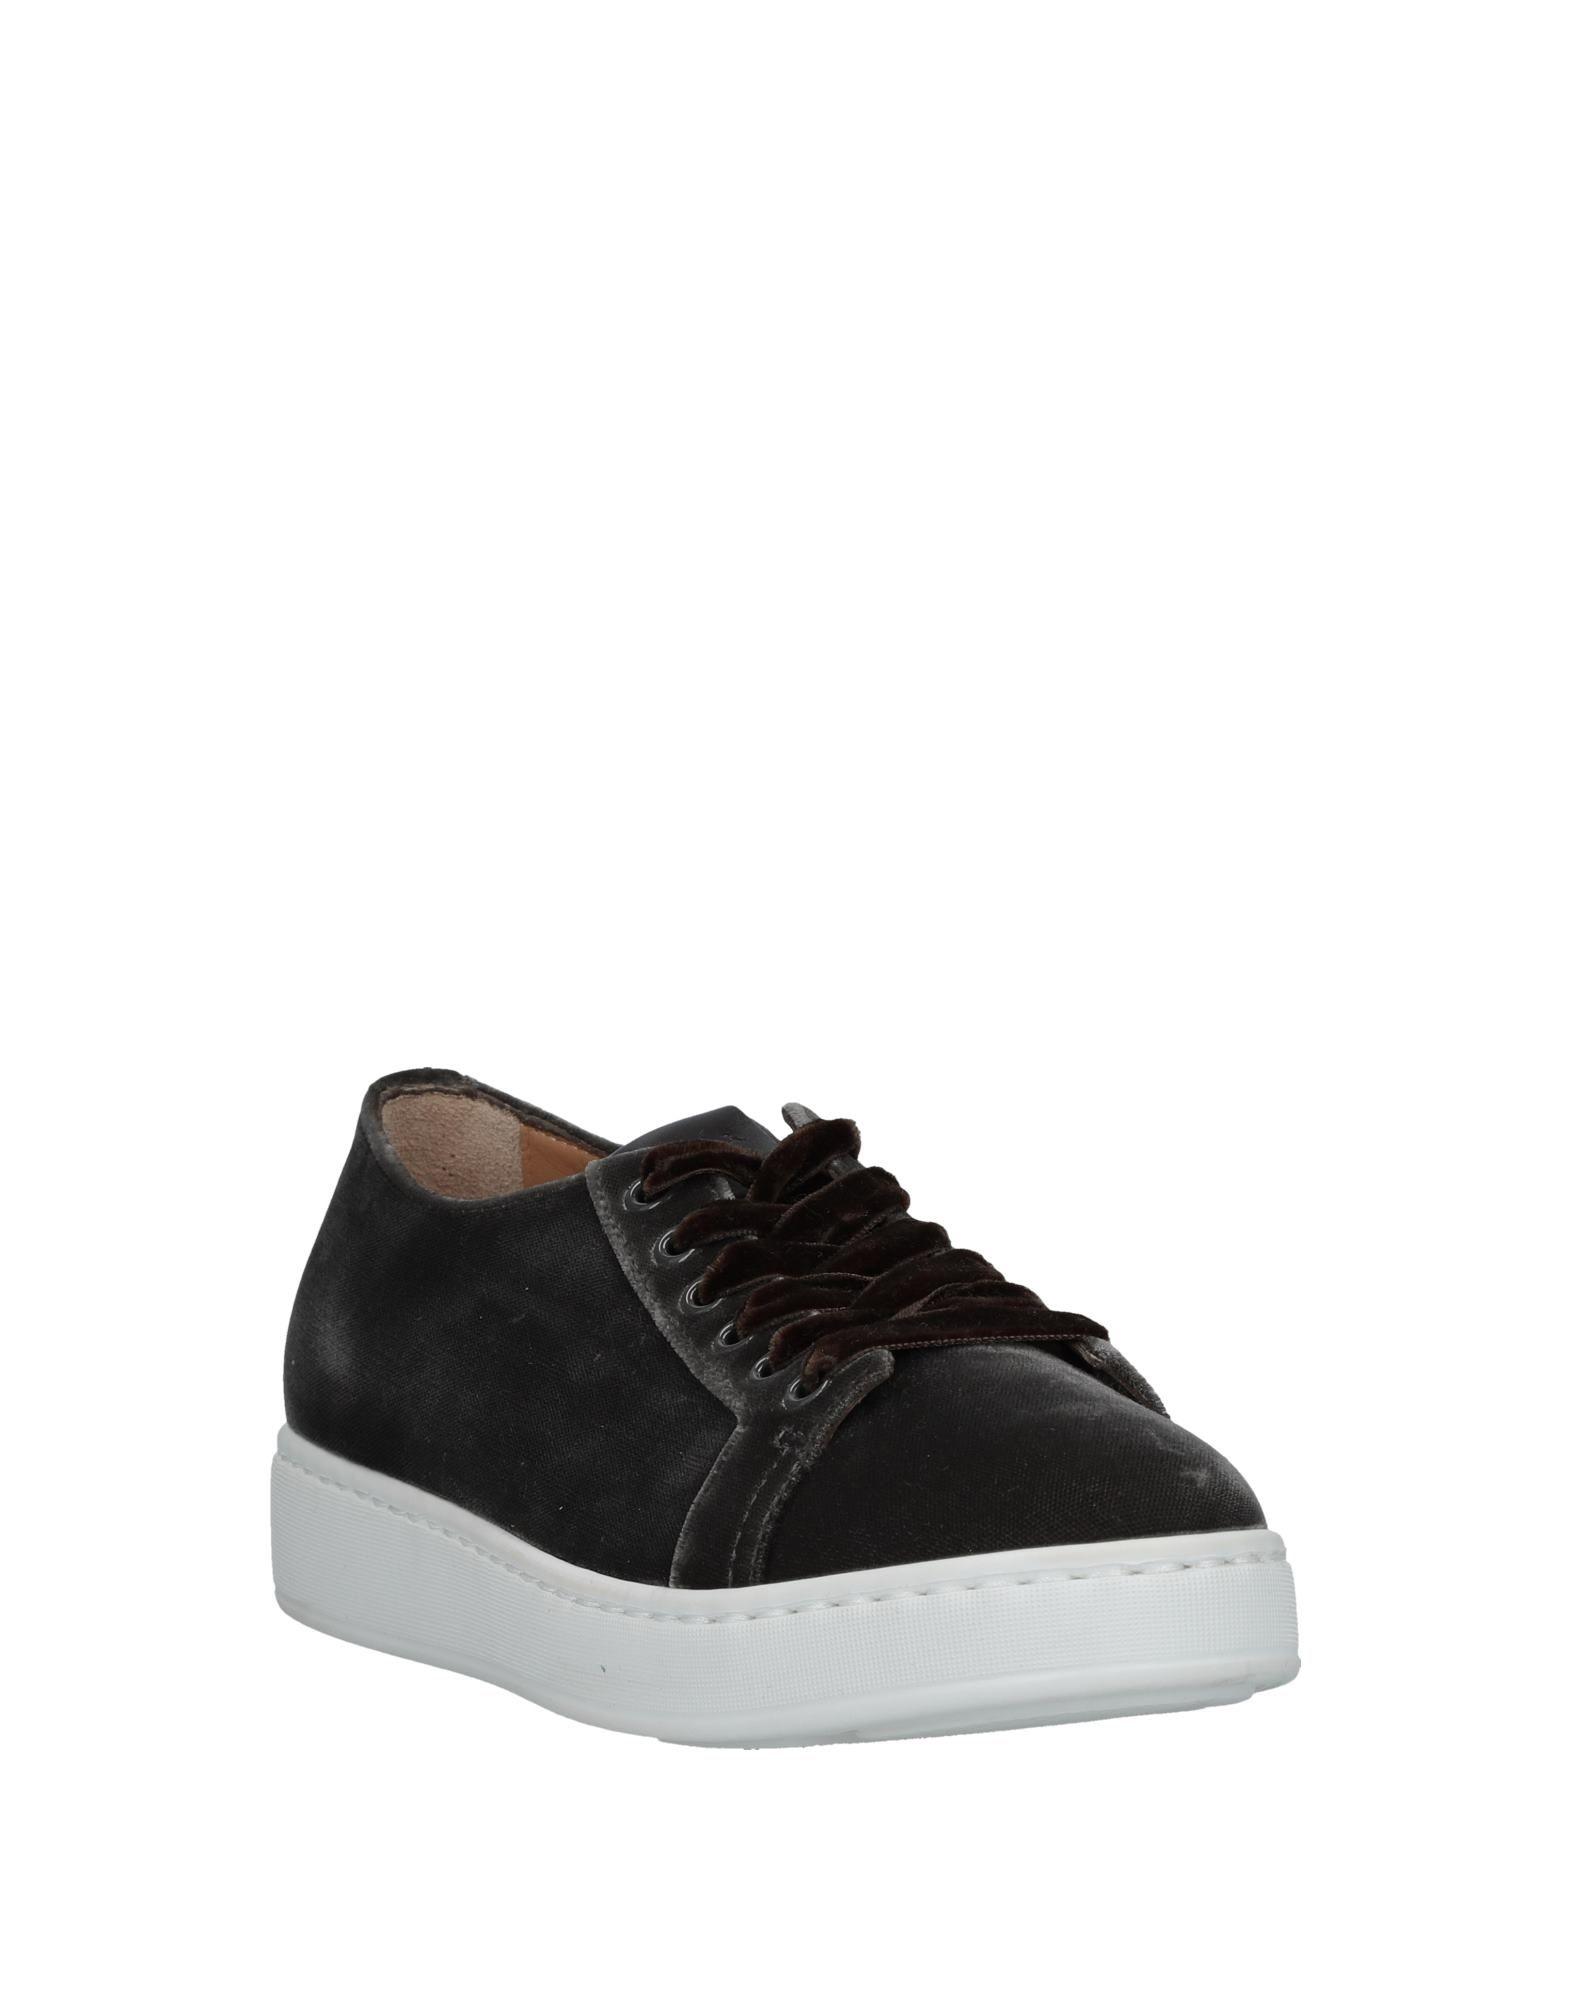 Rabatt  Schuhe Santoni Sneakers Damen  Rabatt 11528146BX 810656